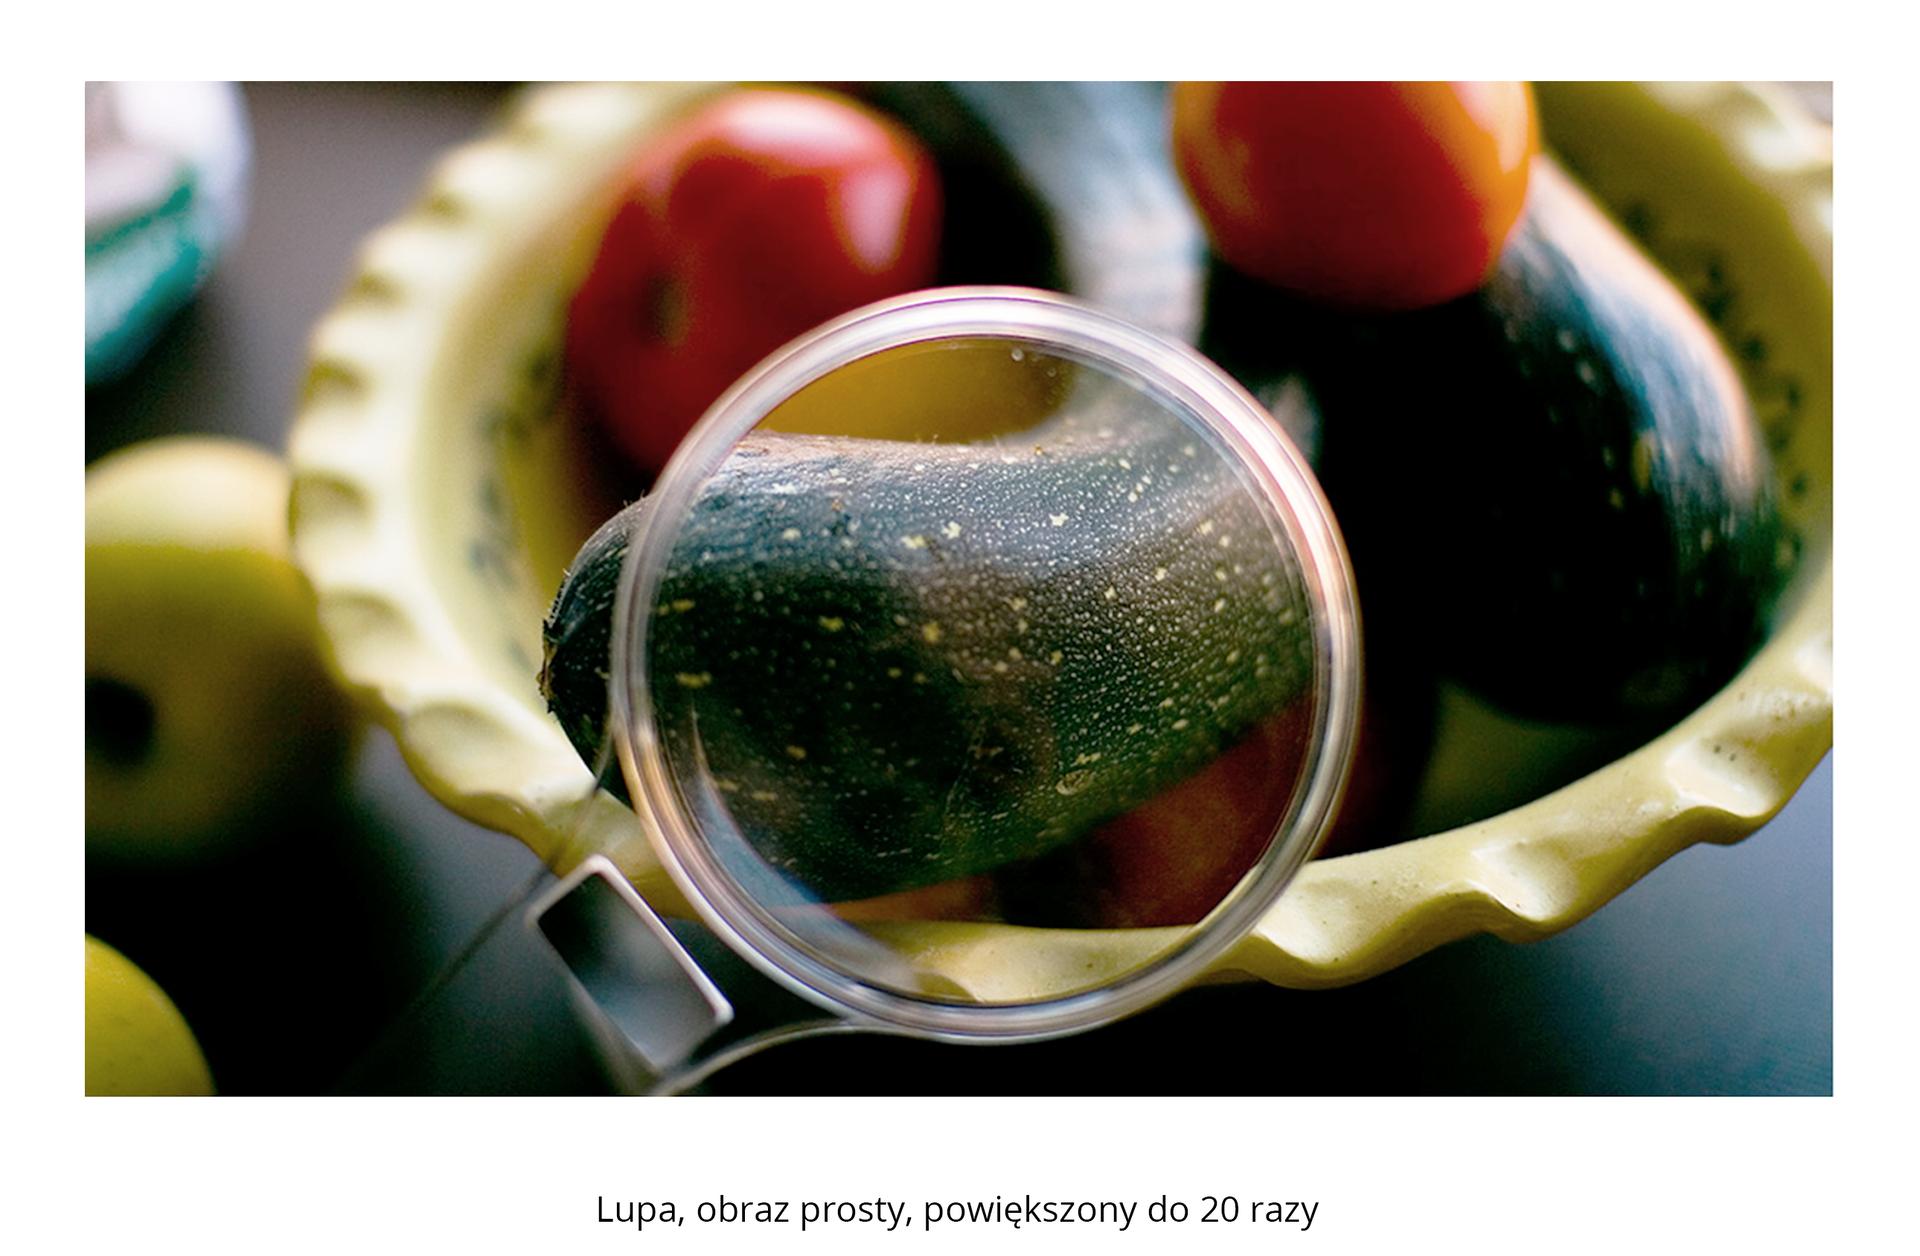 Galeria składa się ztrzech fotografii. Pierwsza fotografia przedstawia pomidory icukinię wmiseczce. Do cukinii przybliżono lupę imożna zaobserwować powiększoną 20 razy, wyraźną, zieloną wplamki skórkę.